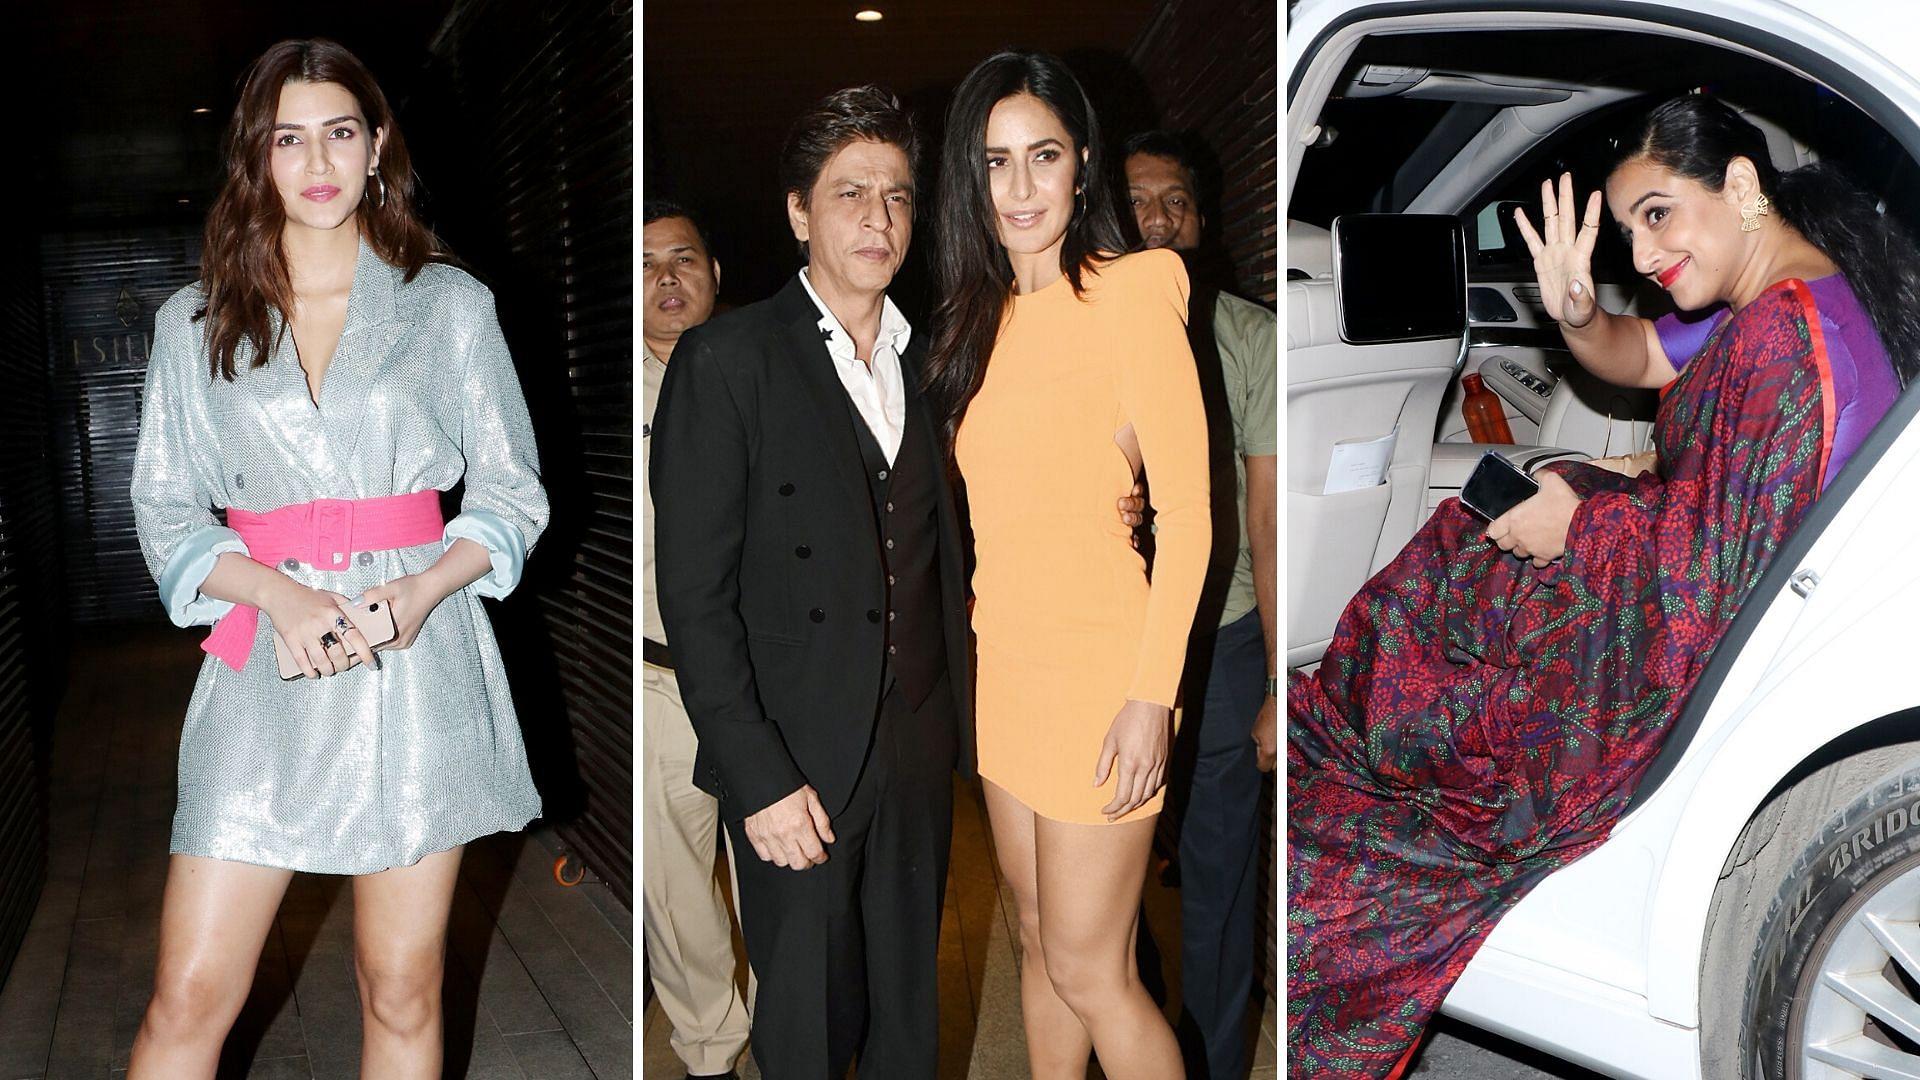 In Pics: SRK, Katrina, Kriti Sanon at Ali Abbas Zafar's B'Day Bash